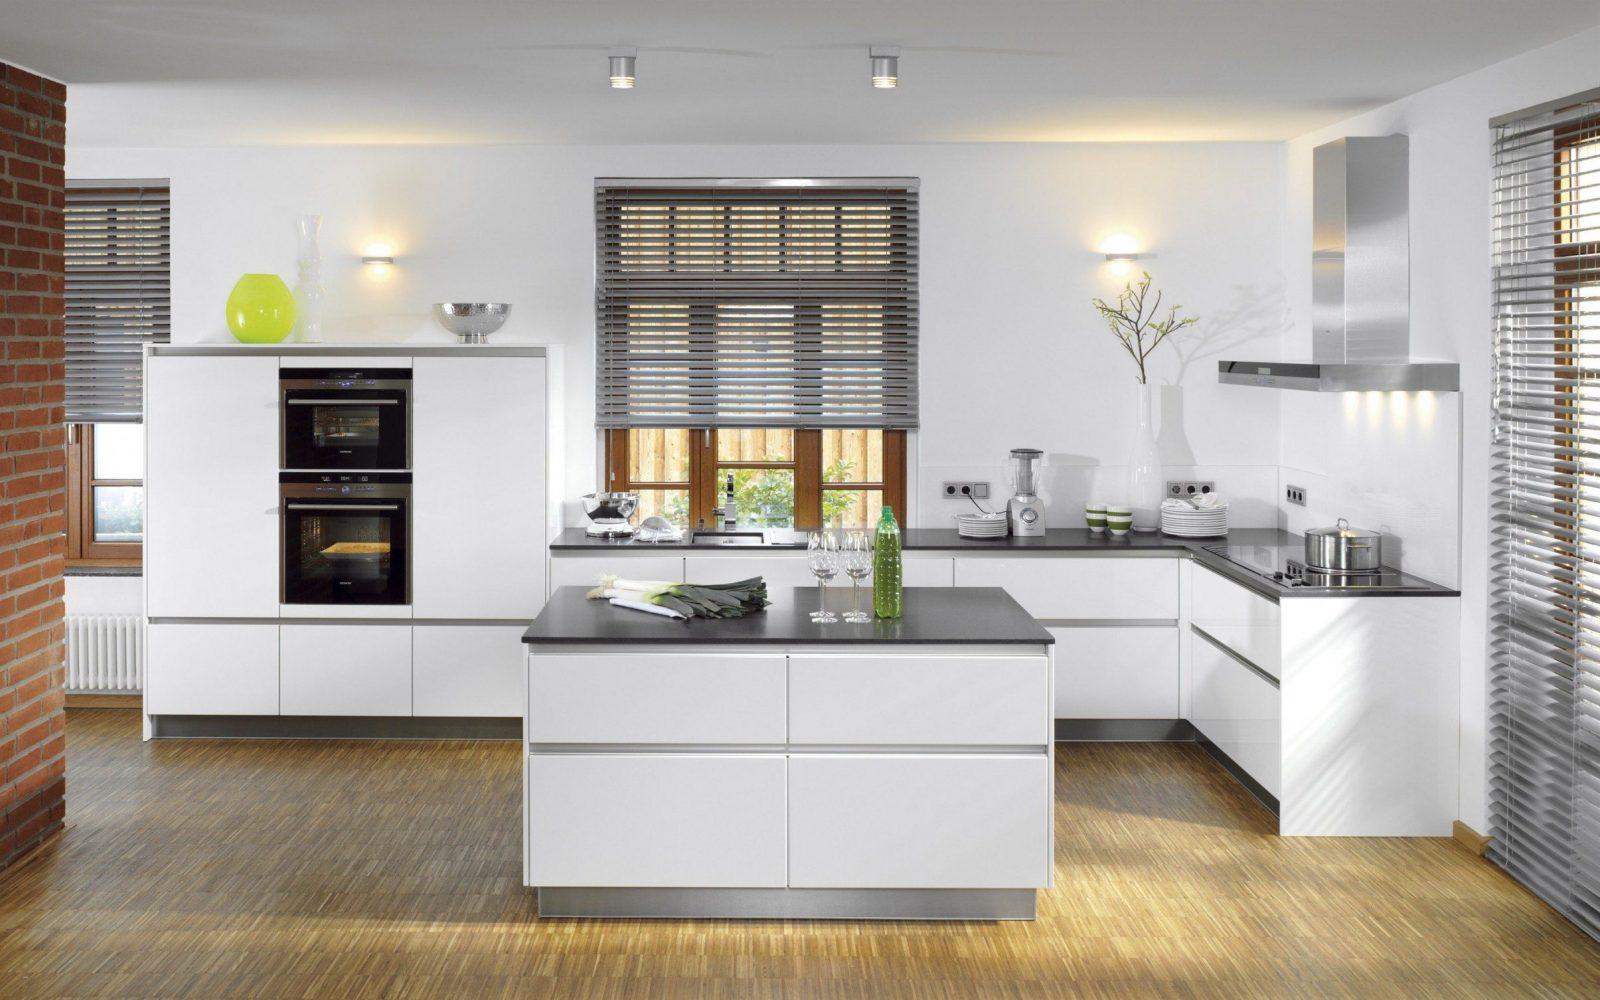 Offene Küche Wohnzimmer Abtrennen Awesome 30 Fene Küche Esszimmer